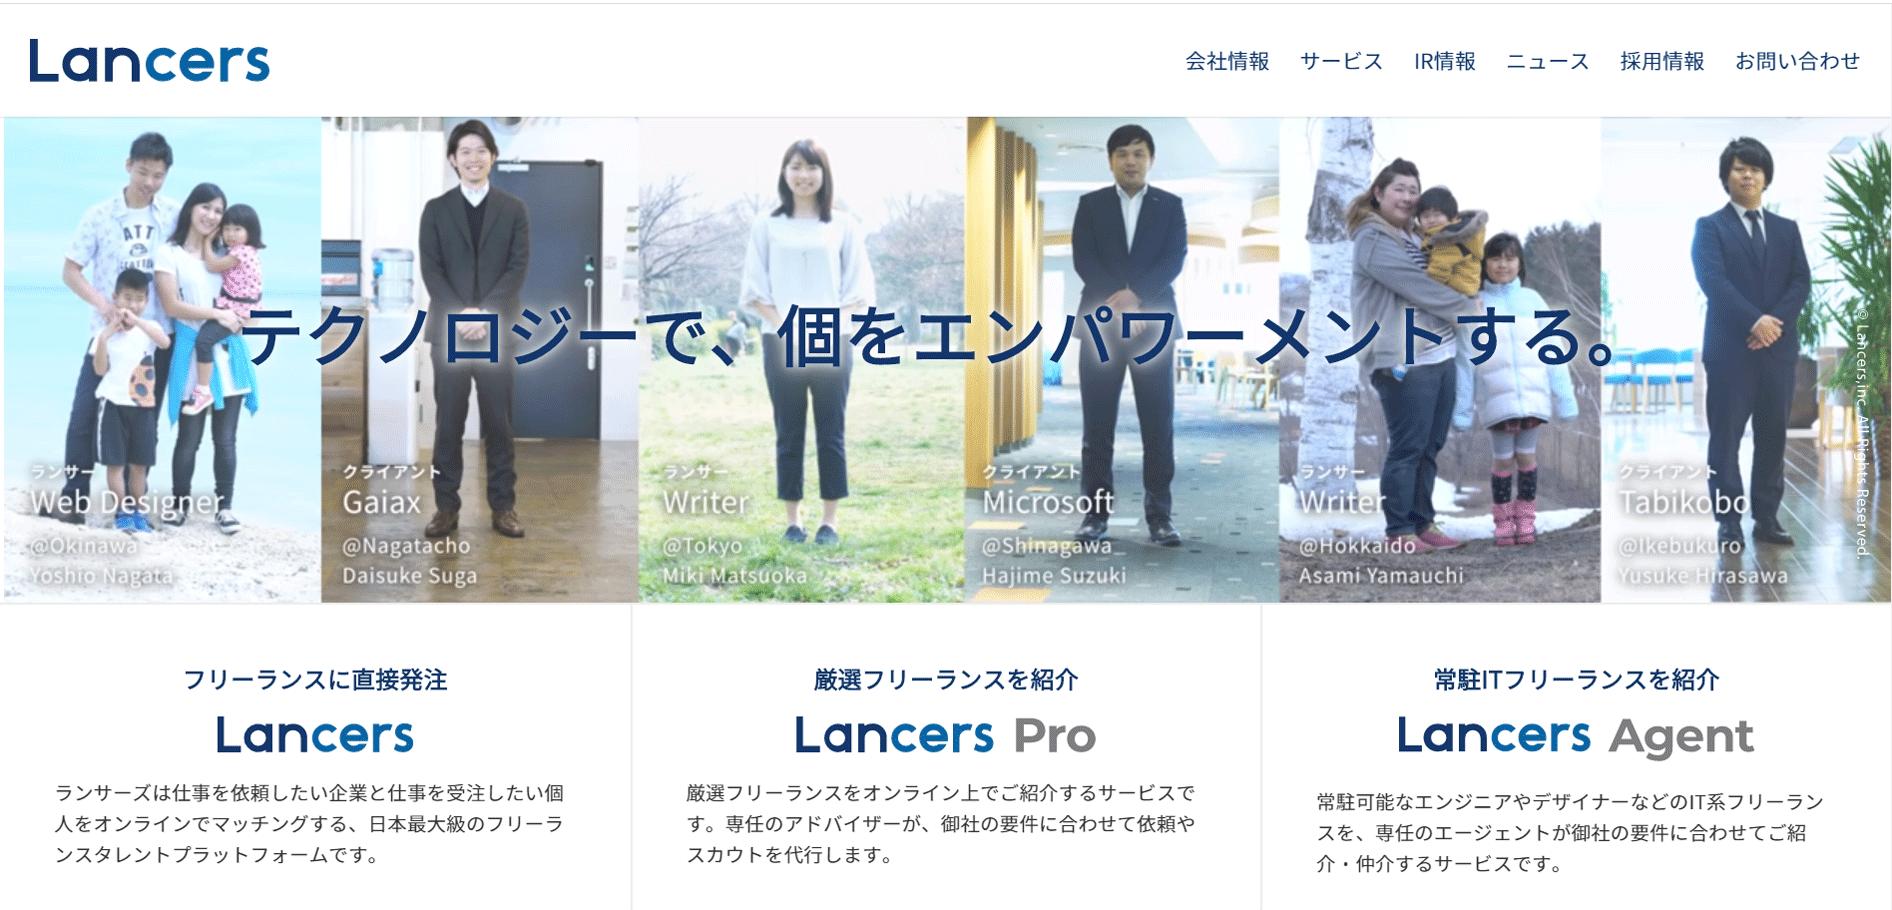 ランサーズ株式会社のスクリーンショット